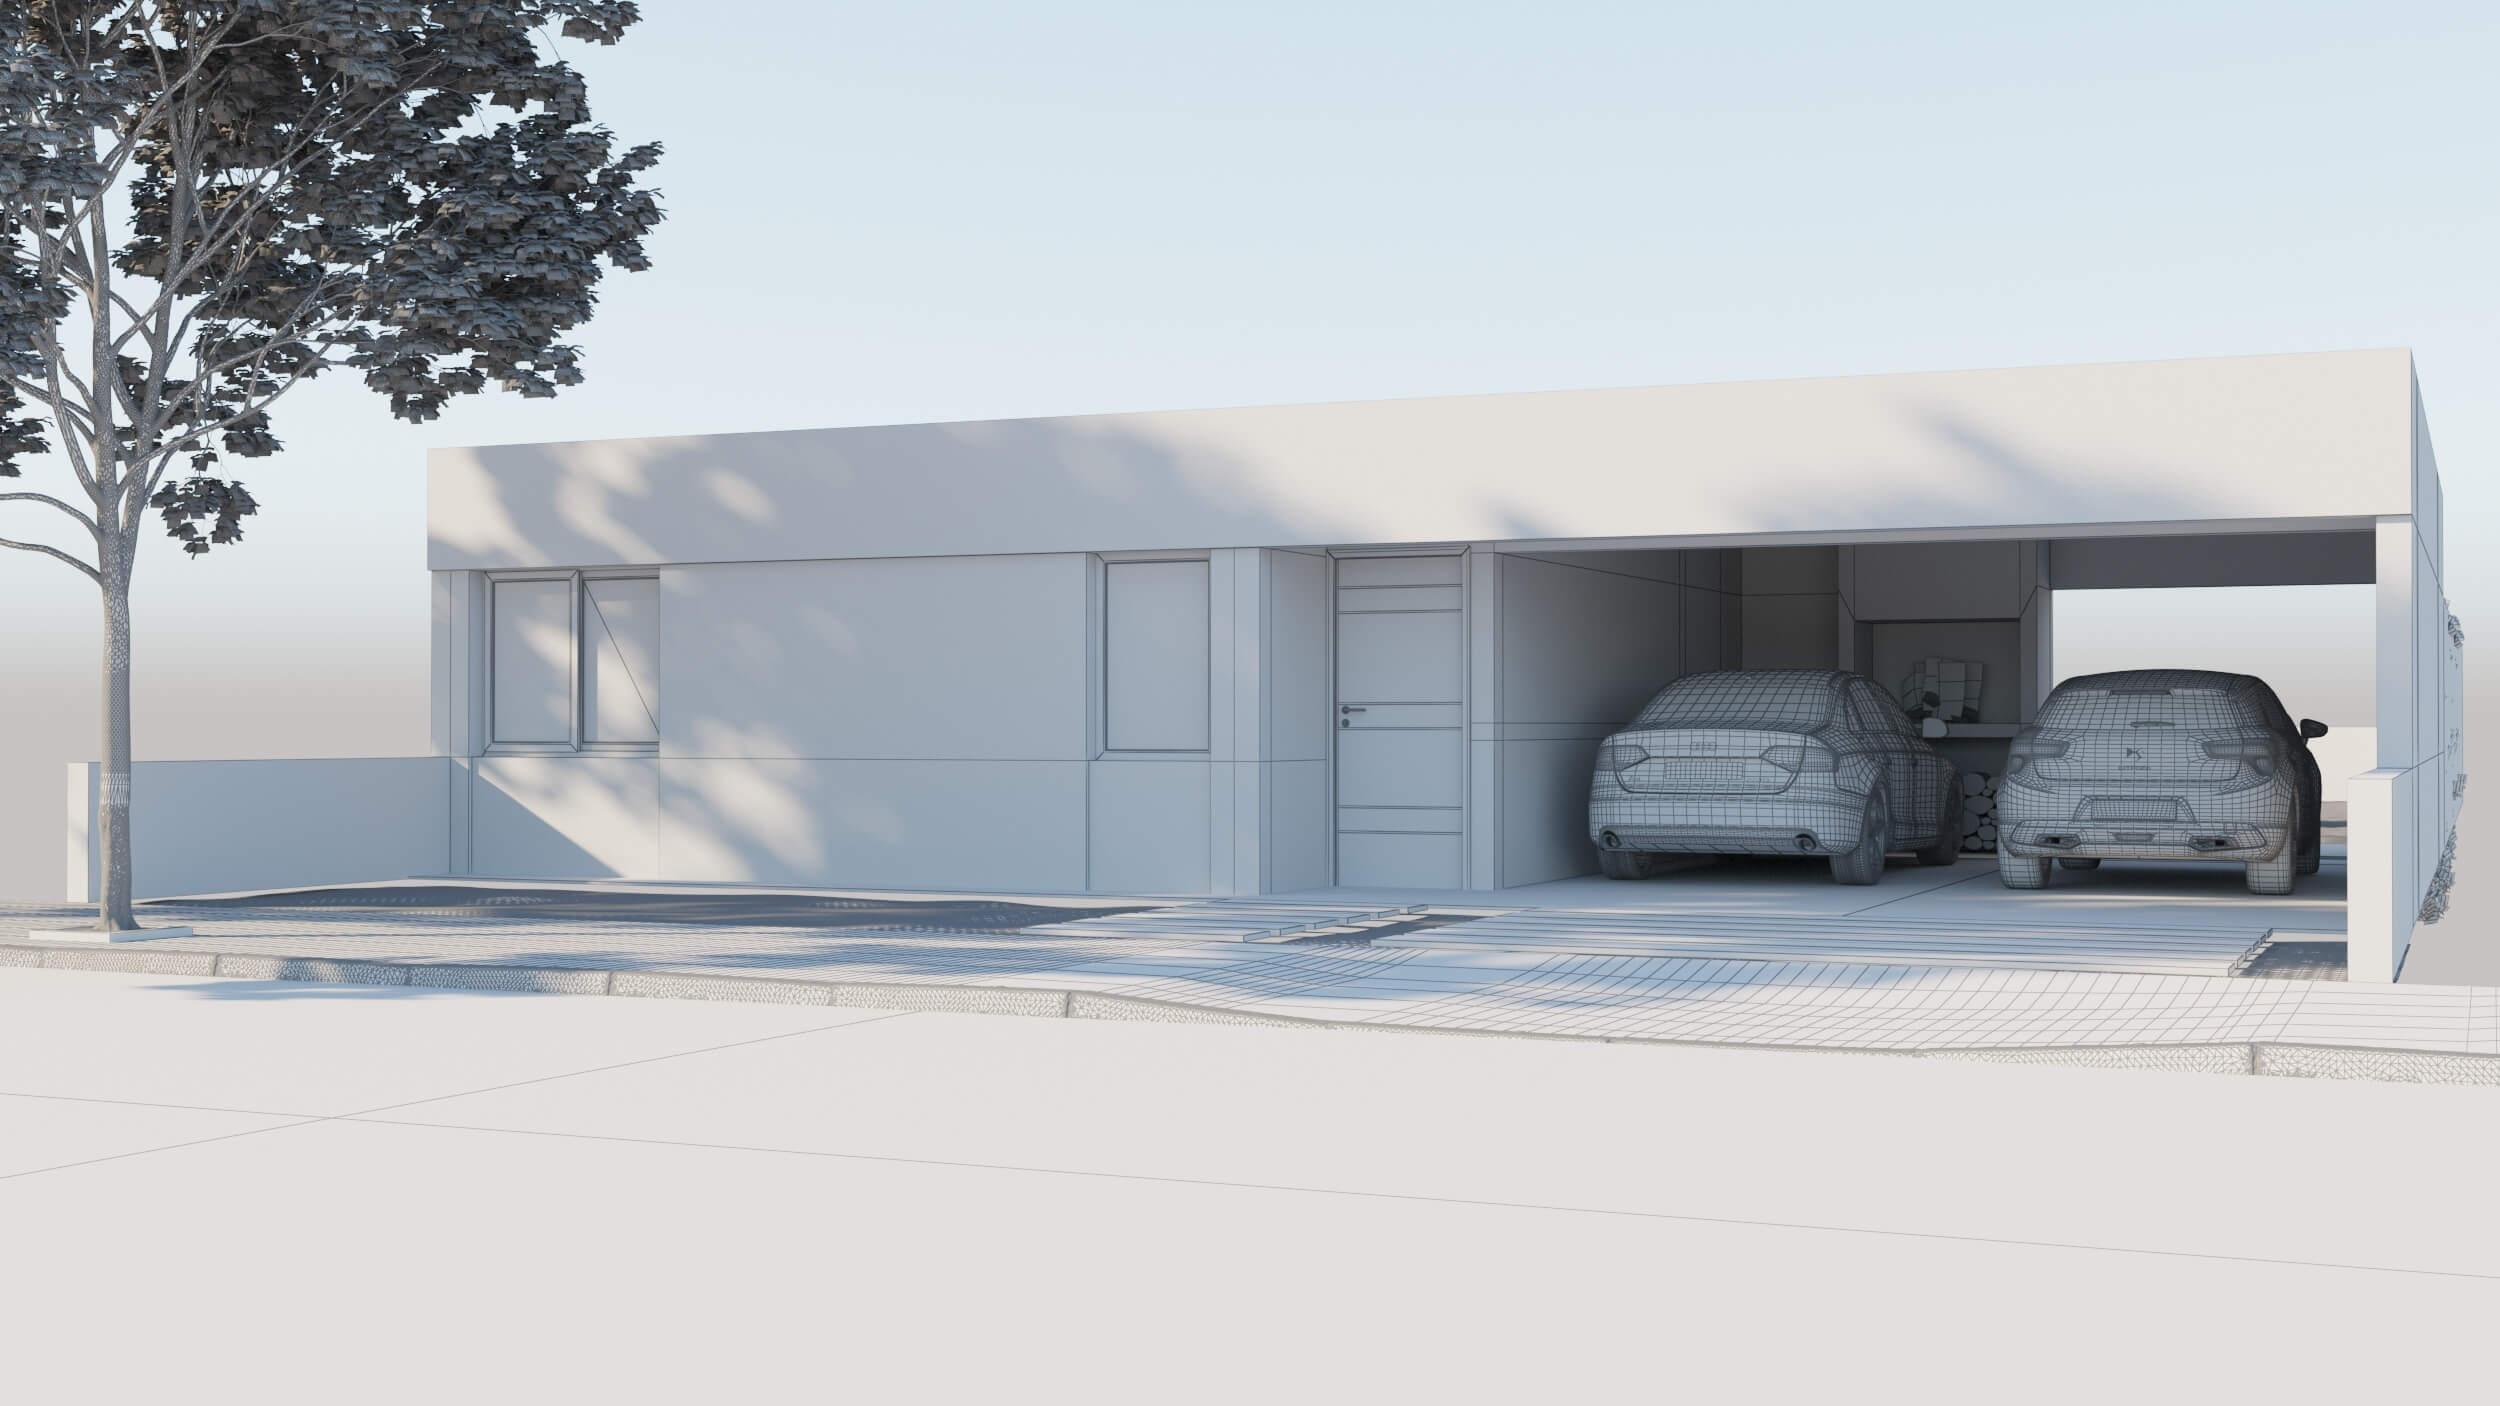 Modelado arquitectónico básico con 3ds Max - Modelo 2